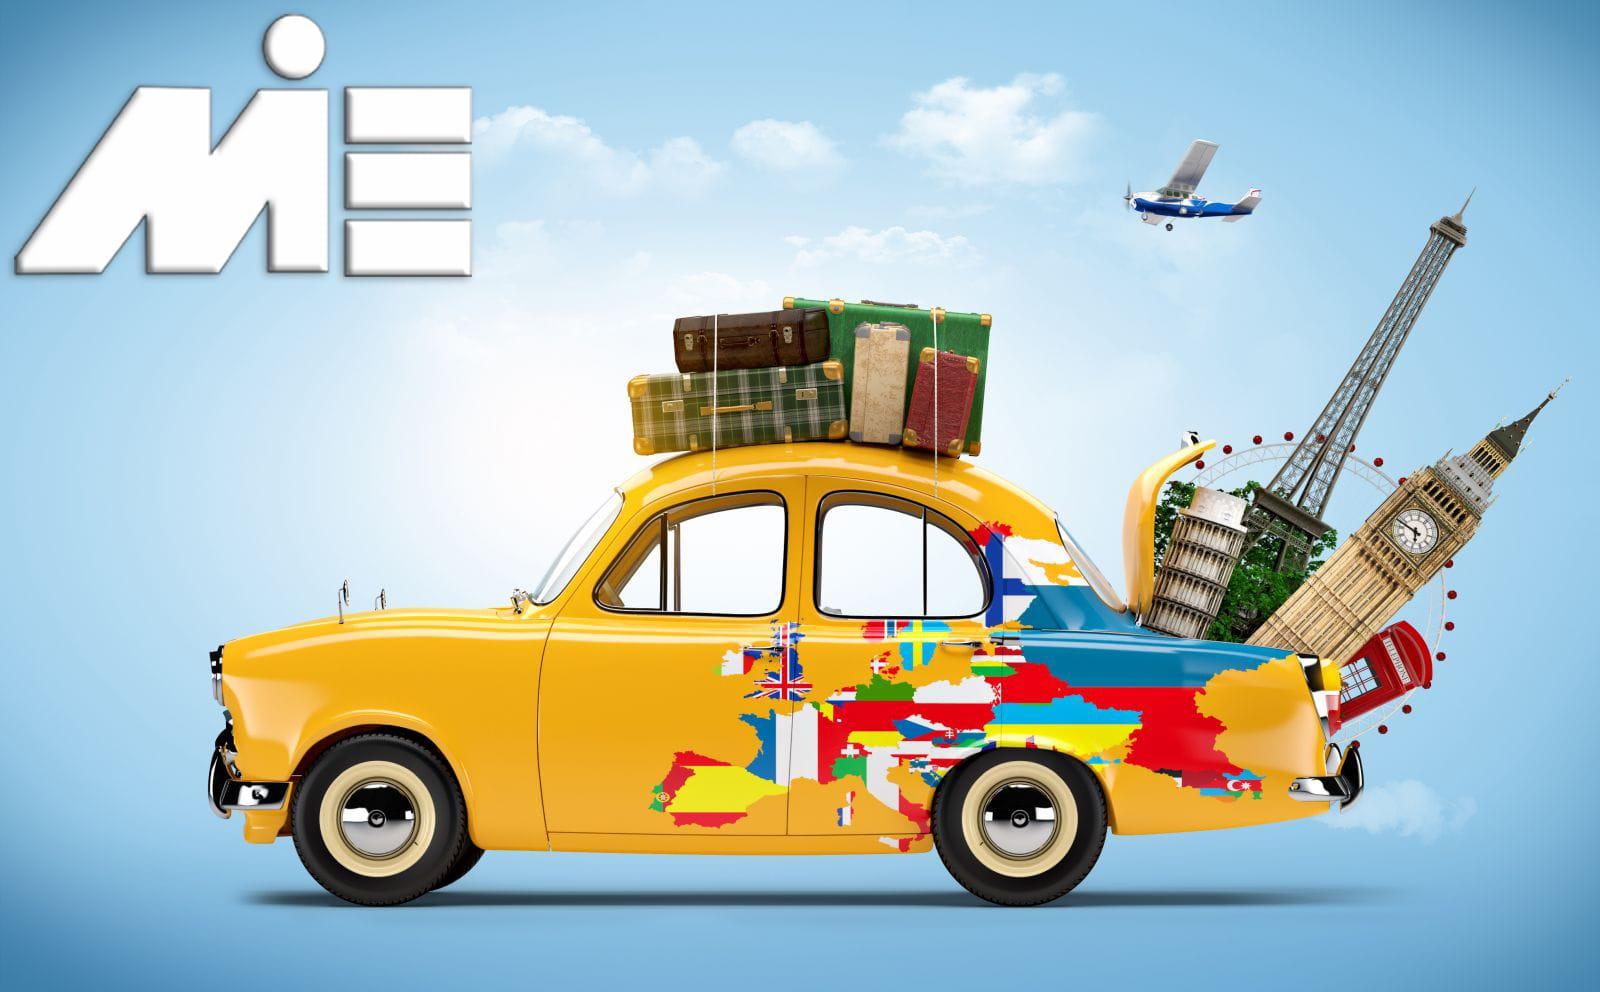 ویزای توریستی شنگن ـ سفر توریستی به اروپا